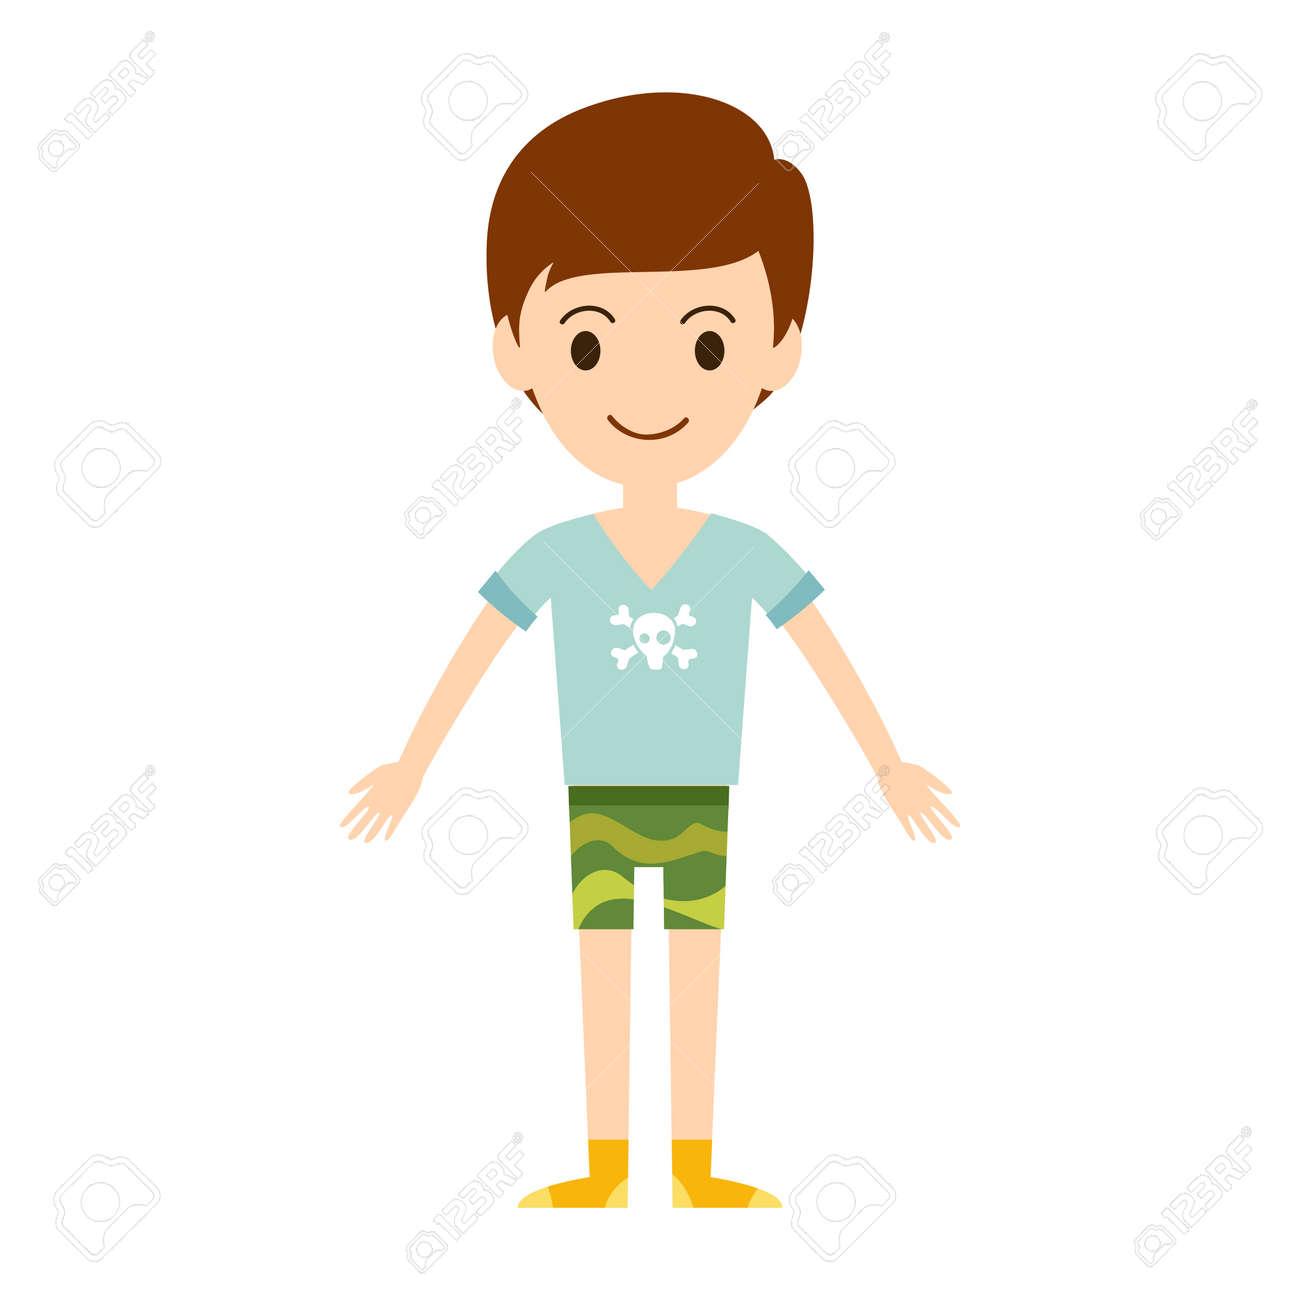 Modelo De Niño De Dibujos Animados De Vectores Hermosa Mirada De La